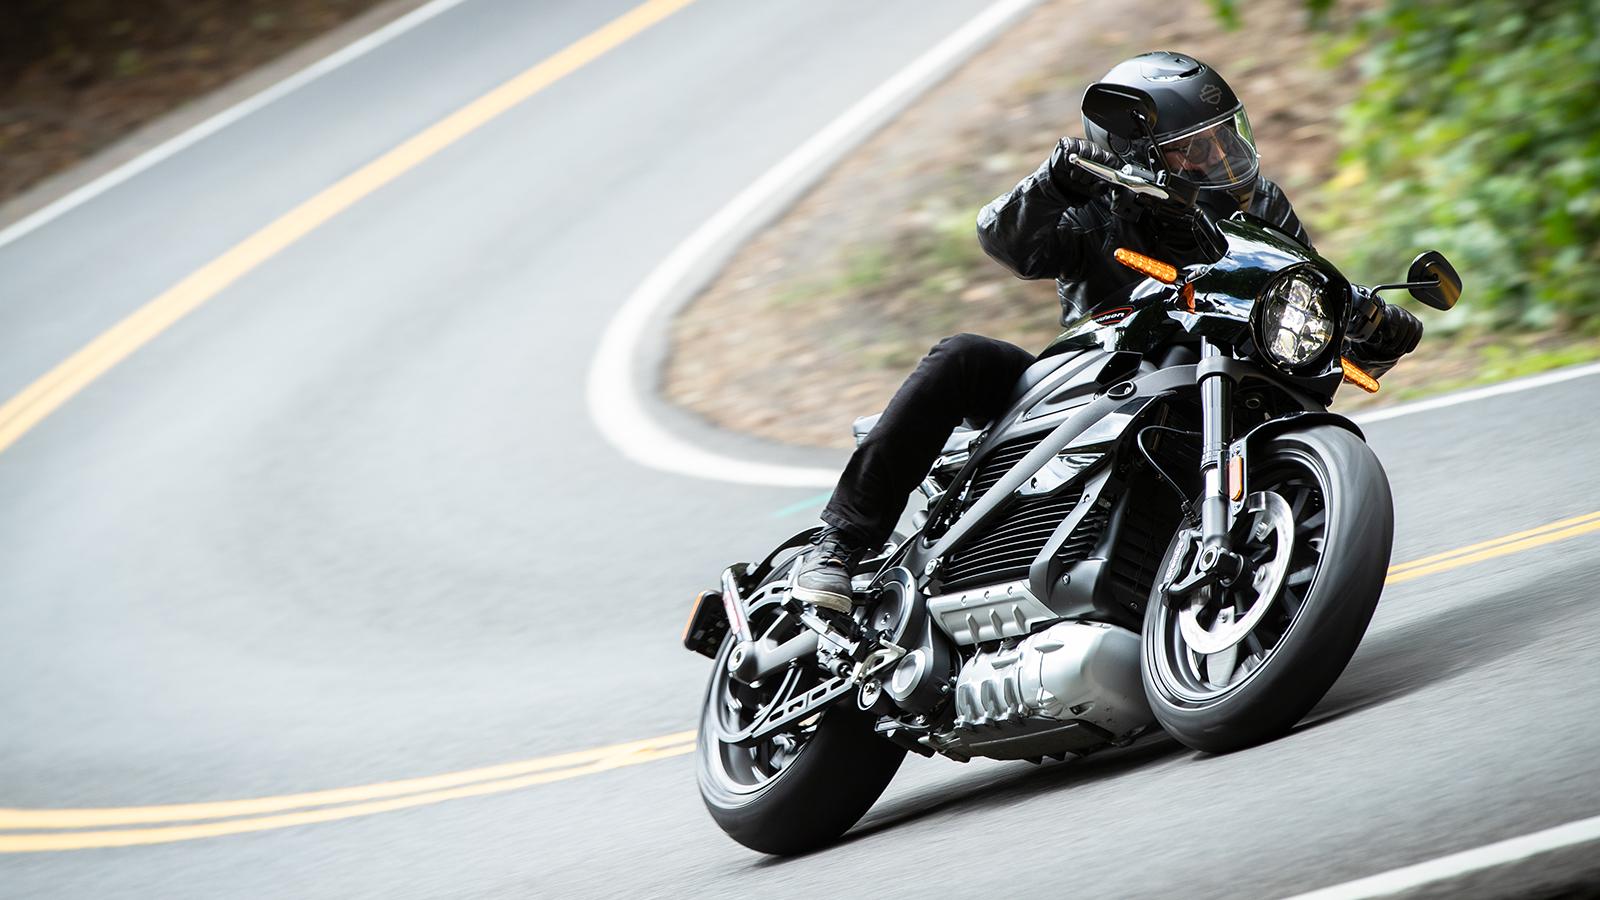 Über Harley Davidson | Harley Davidson Österreich